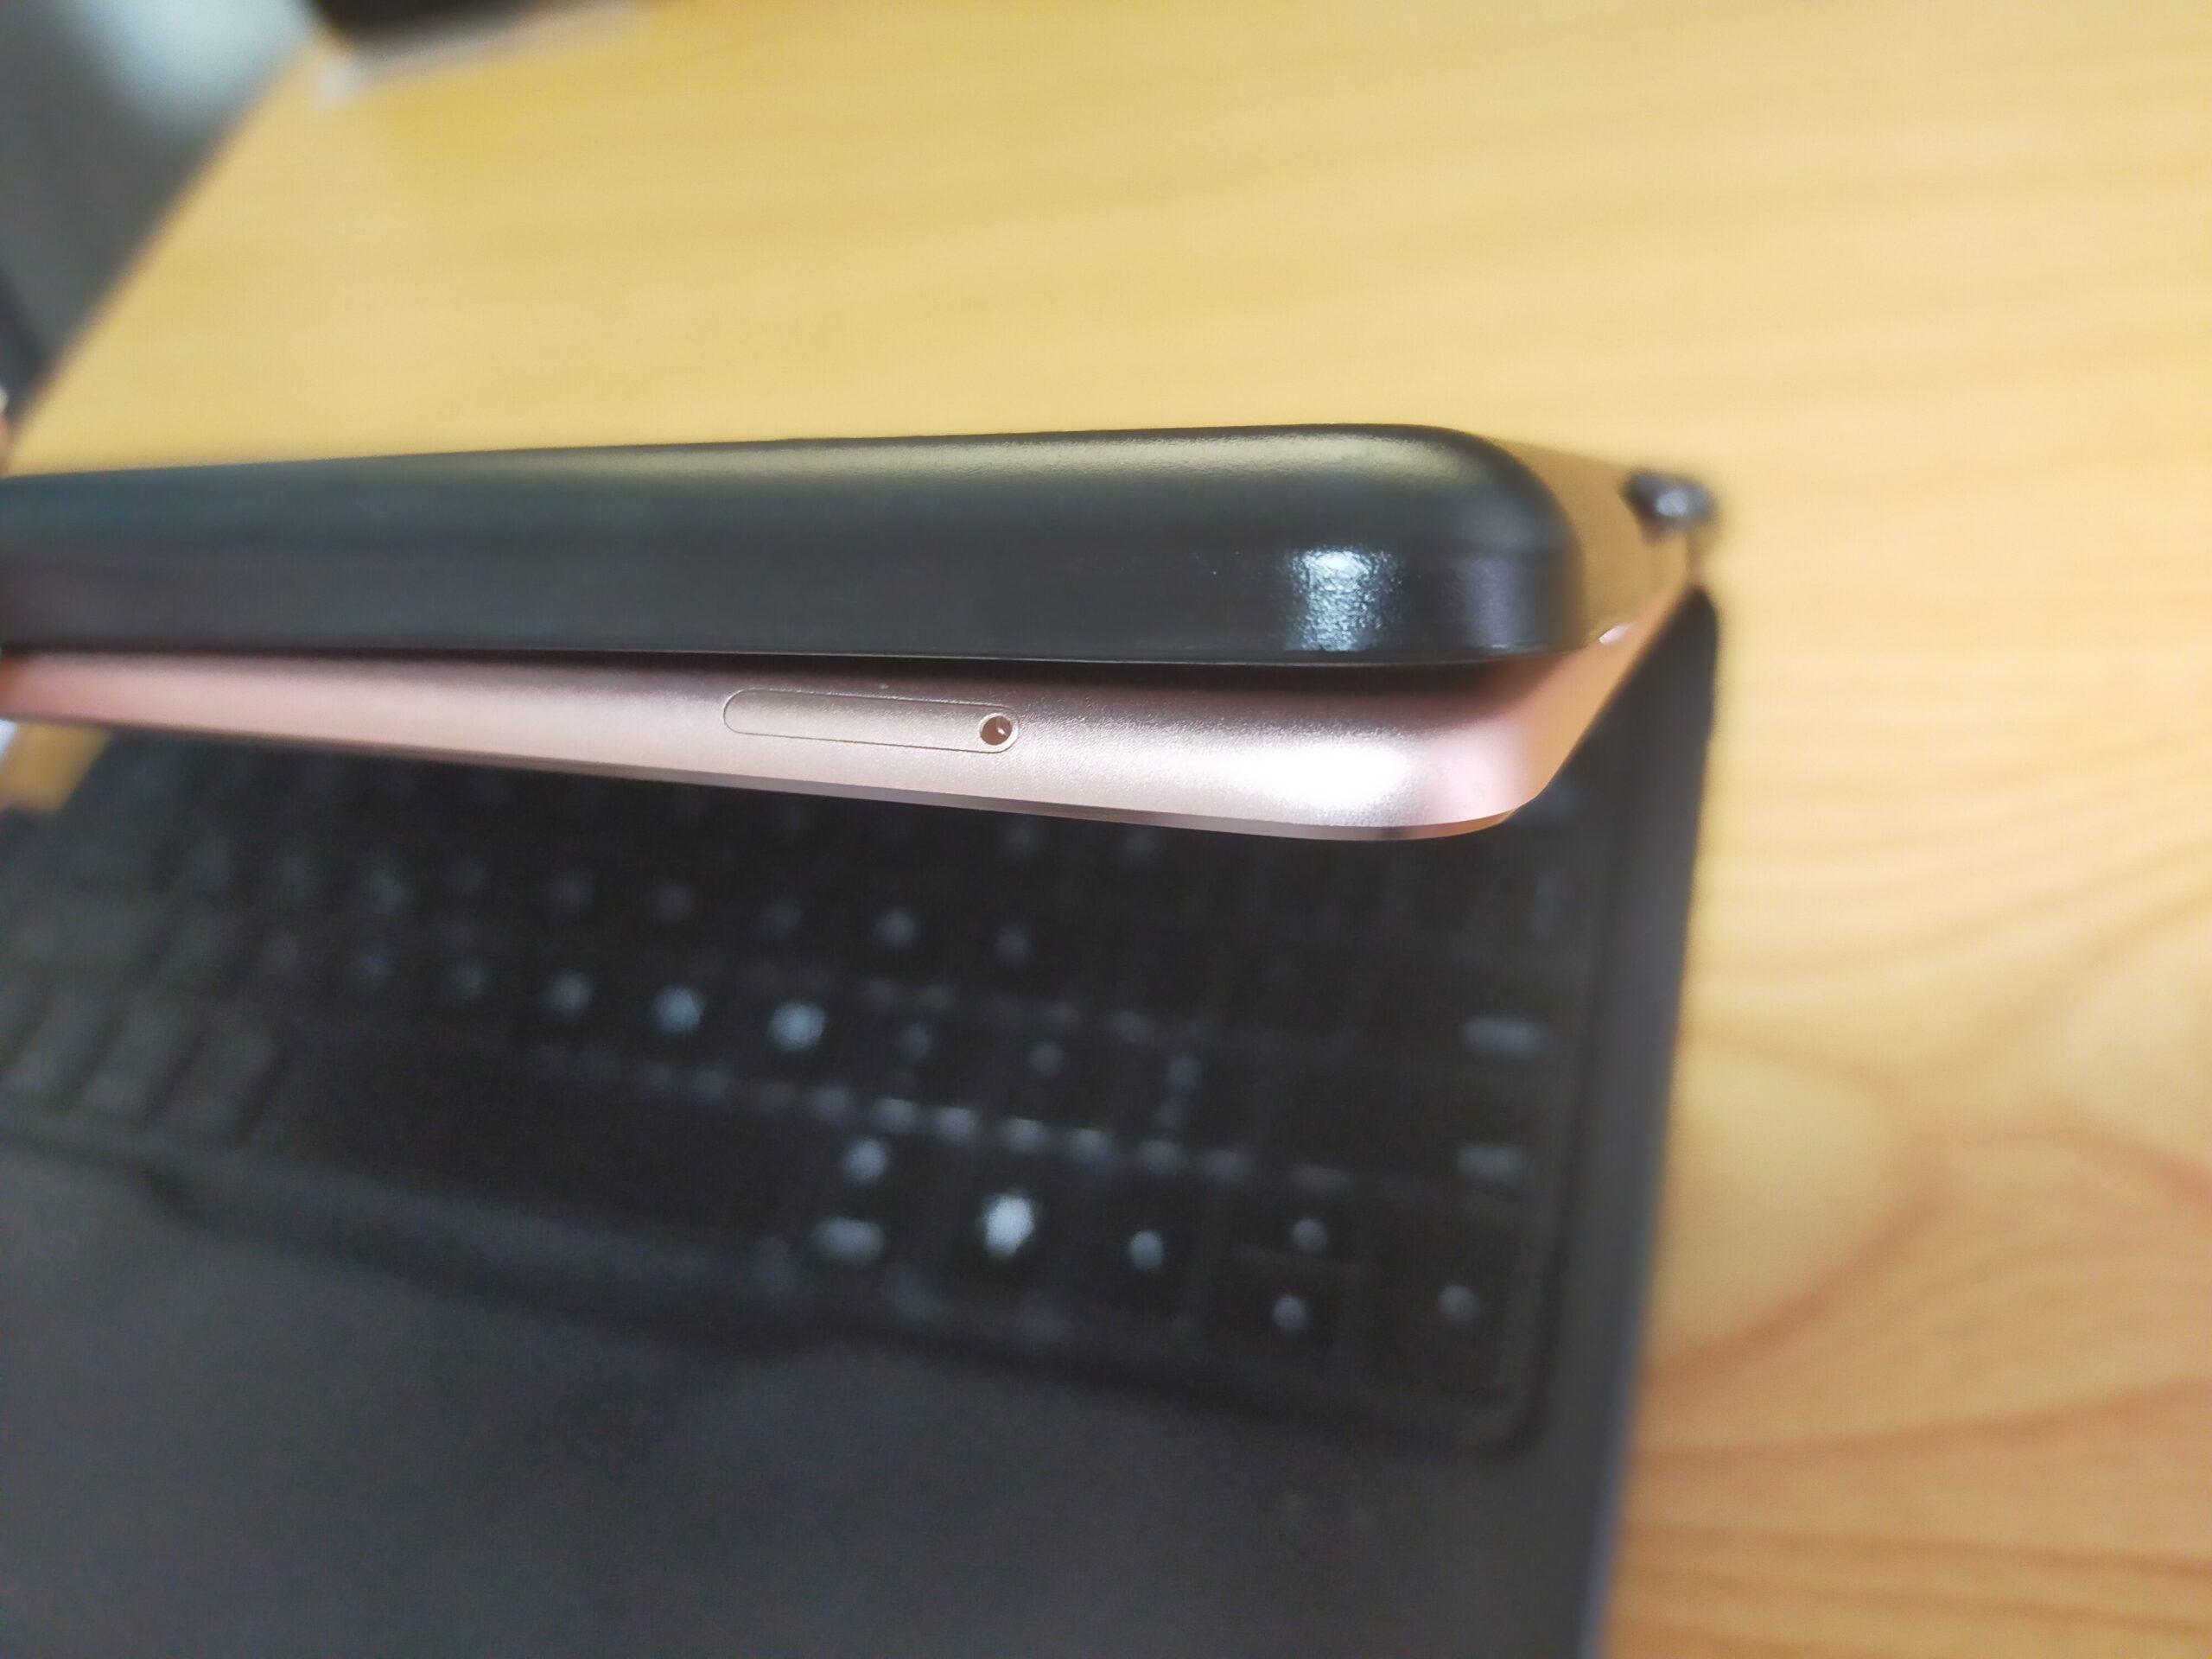 カバーが緩くてiPadから外れそうの画像